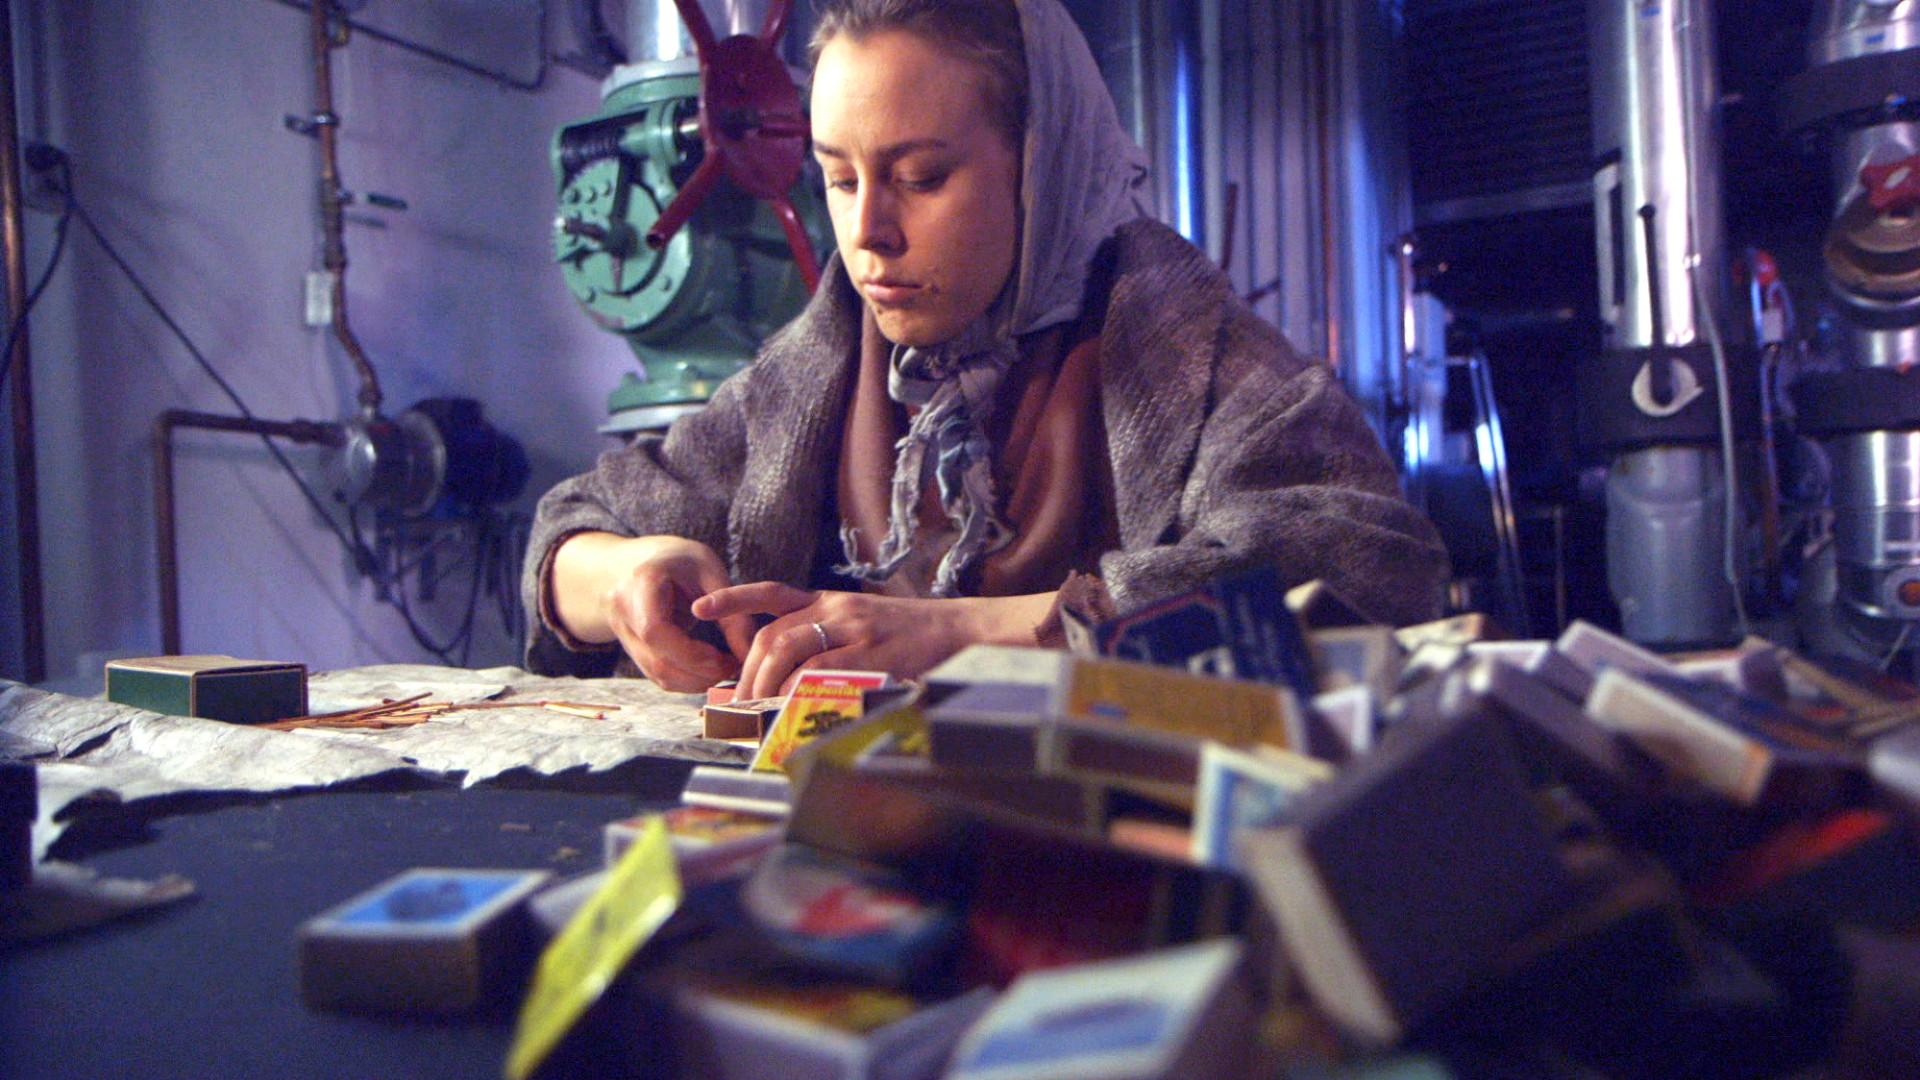 Skjermdump fra NRKs dramatisering av fyrstikkarbeiderstreiken. Programlederen utkledd som arbeider på 1800-tallet sitter og pakker fyrstikker i eske. Omgivelser fra gammel fabrikk.